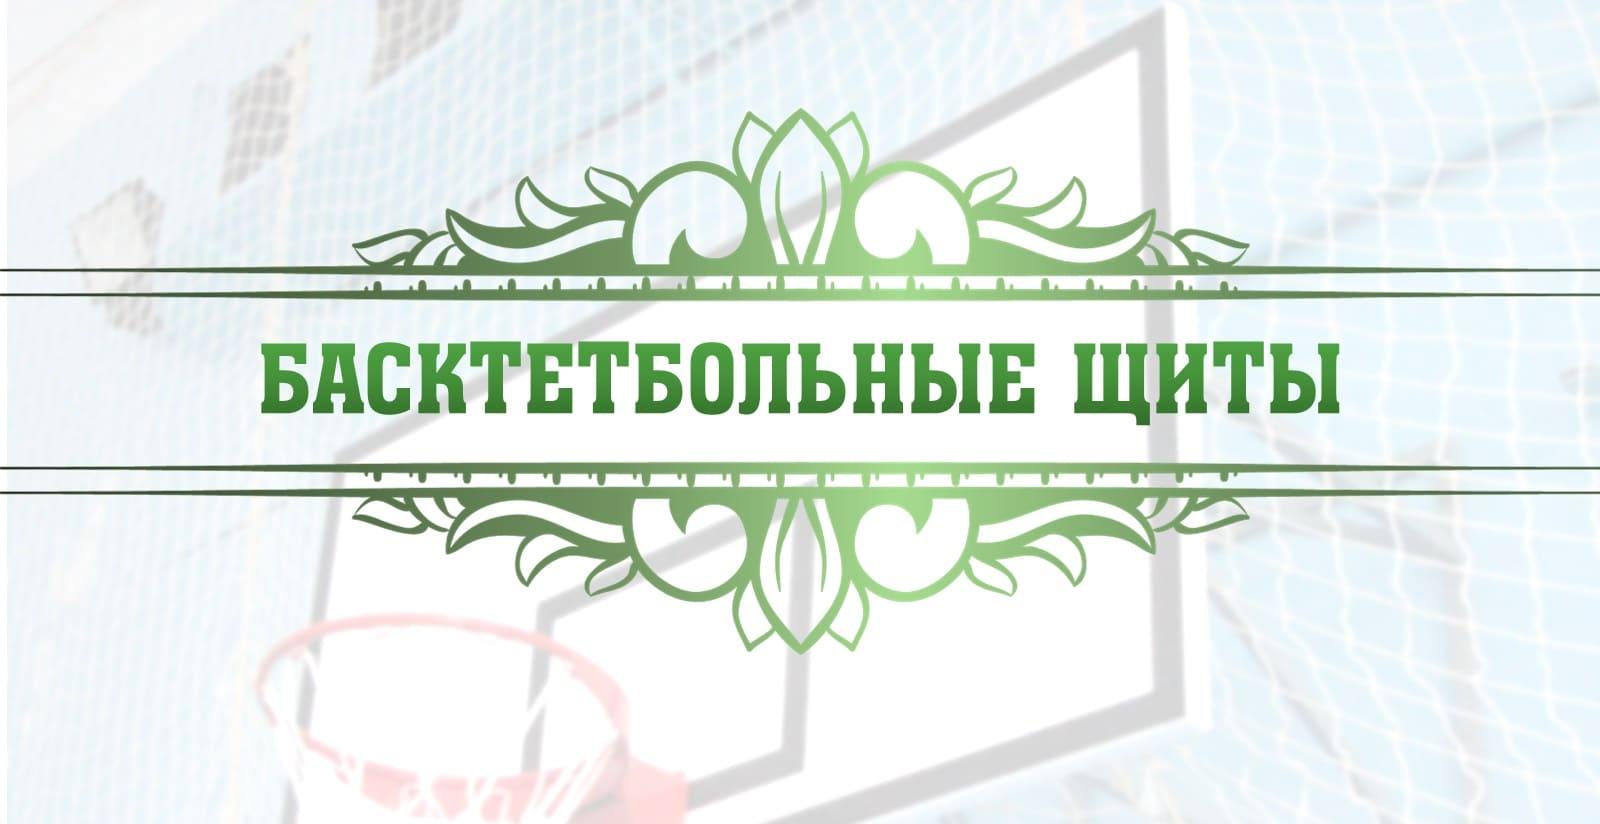 Баскетбольные щиты - картинка